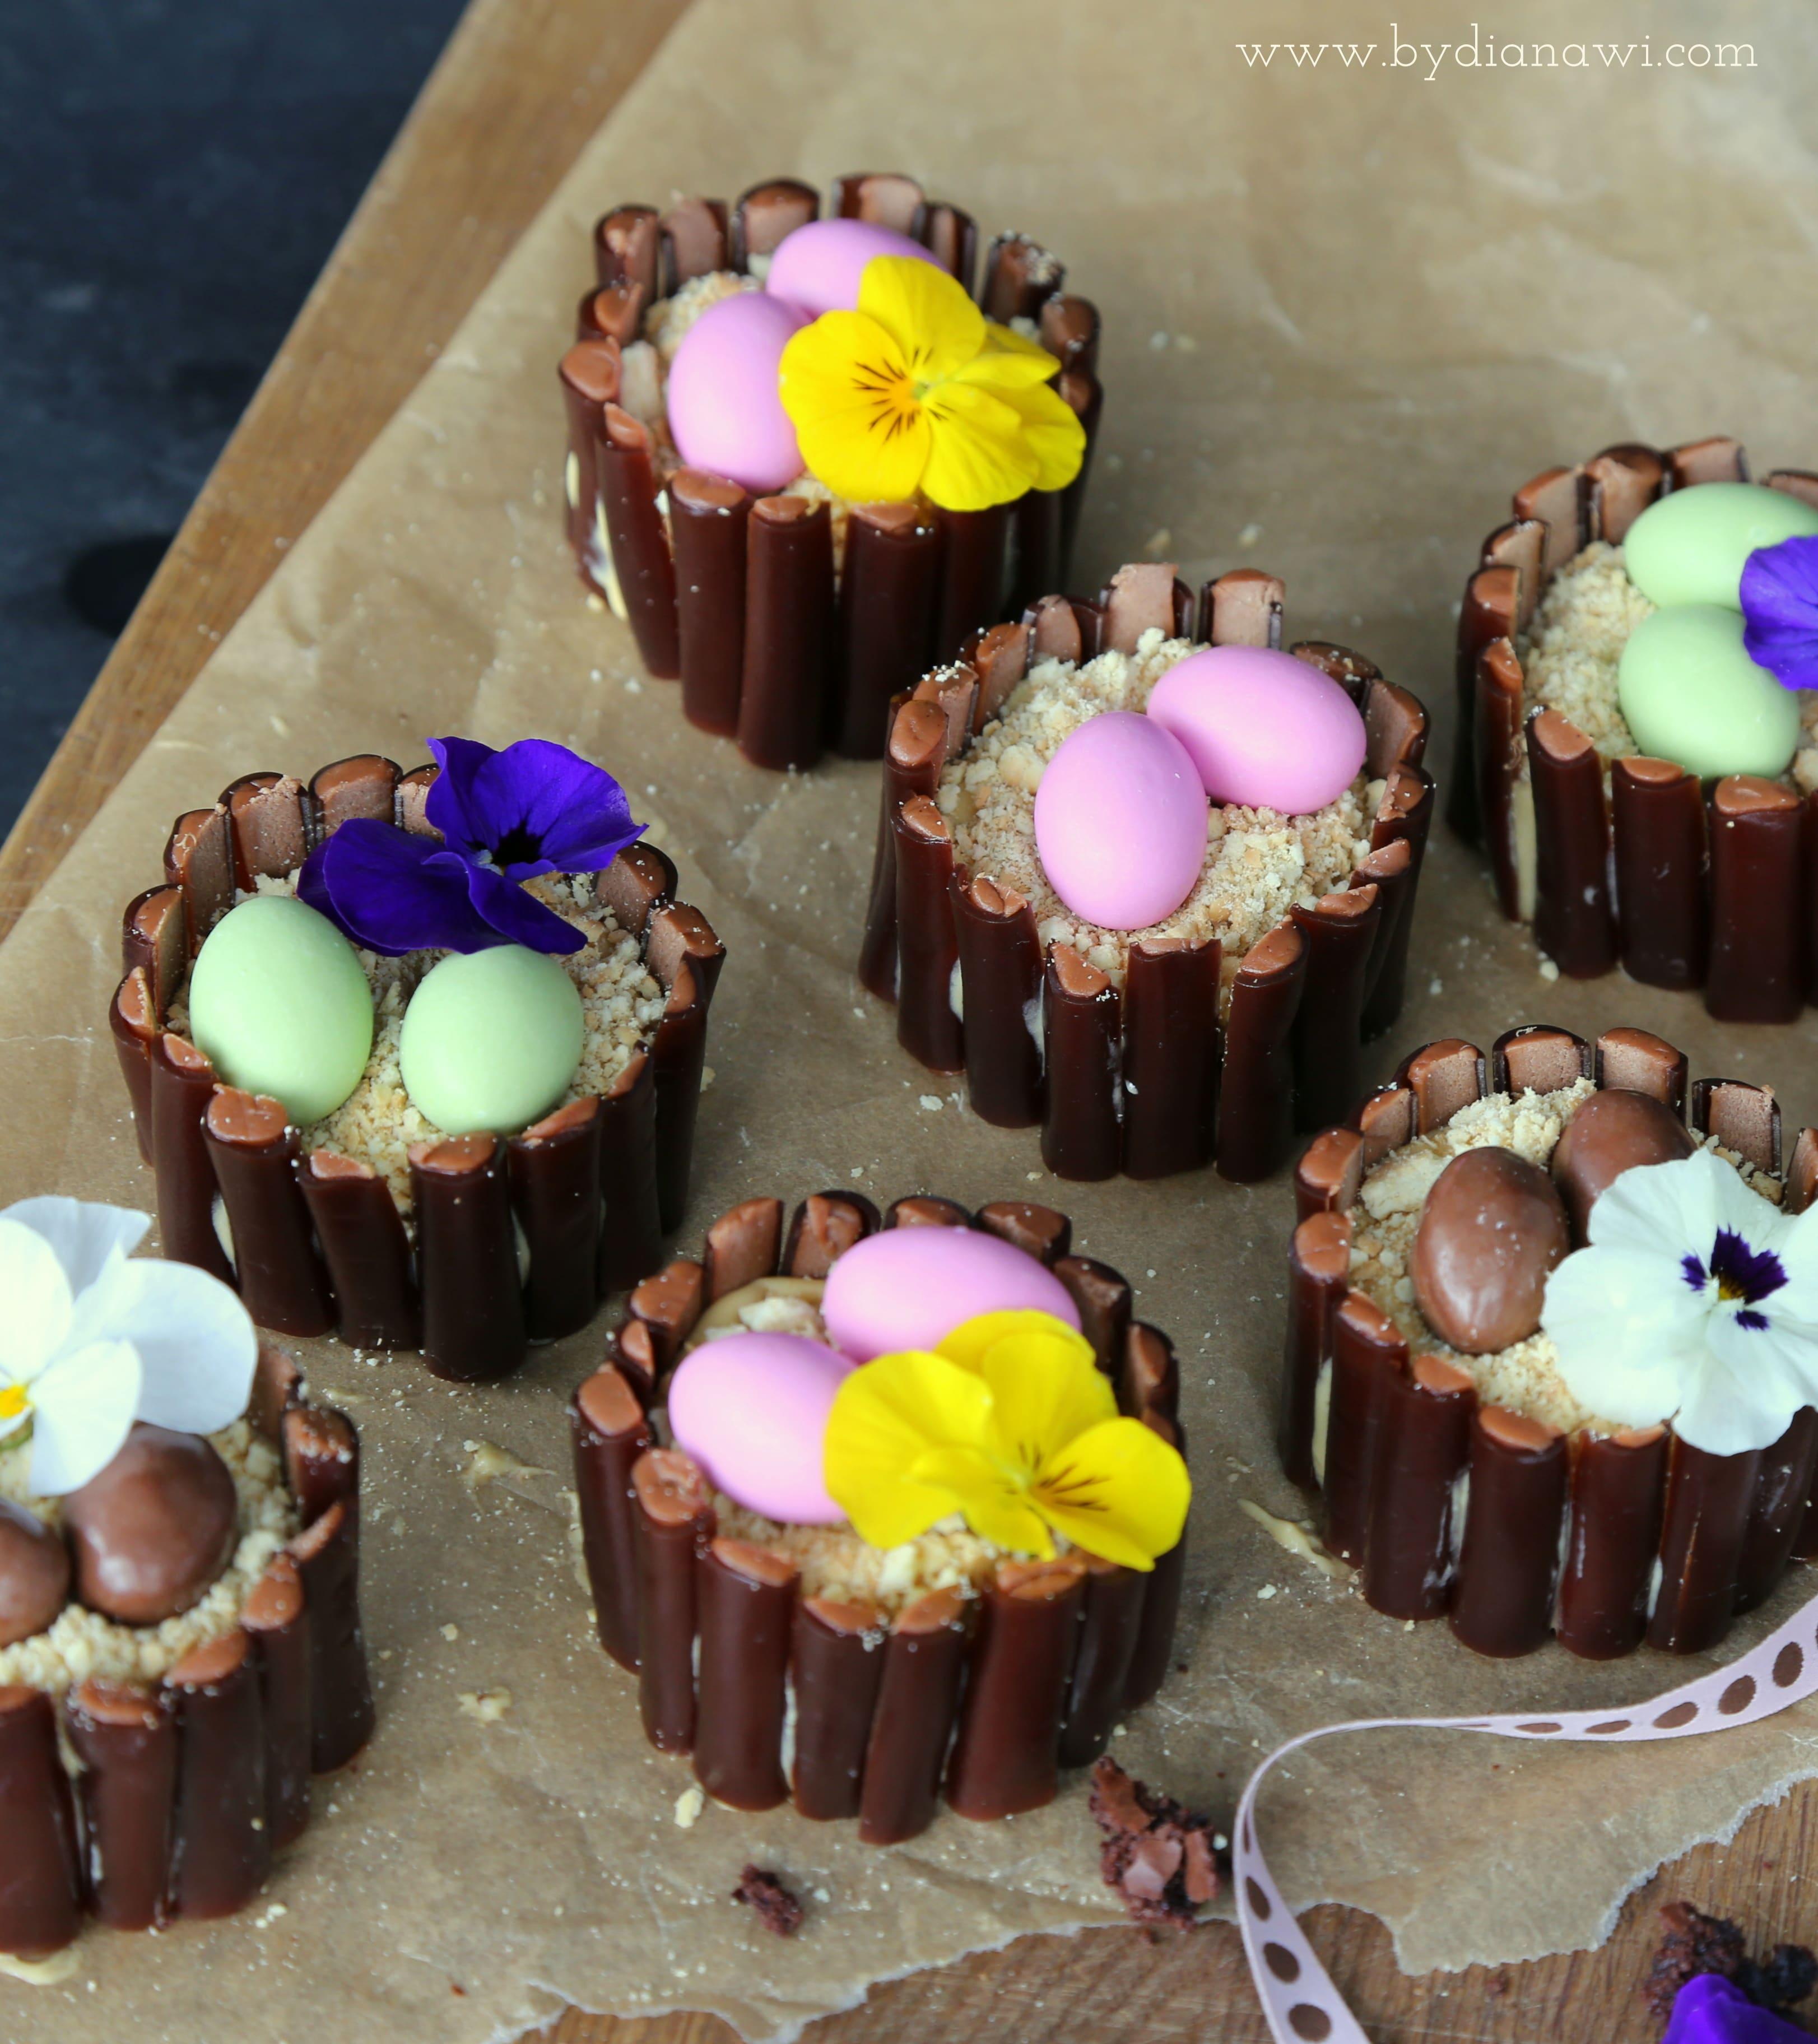 påskemuffins, påske inspiration, påske kage, påskeæg